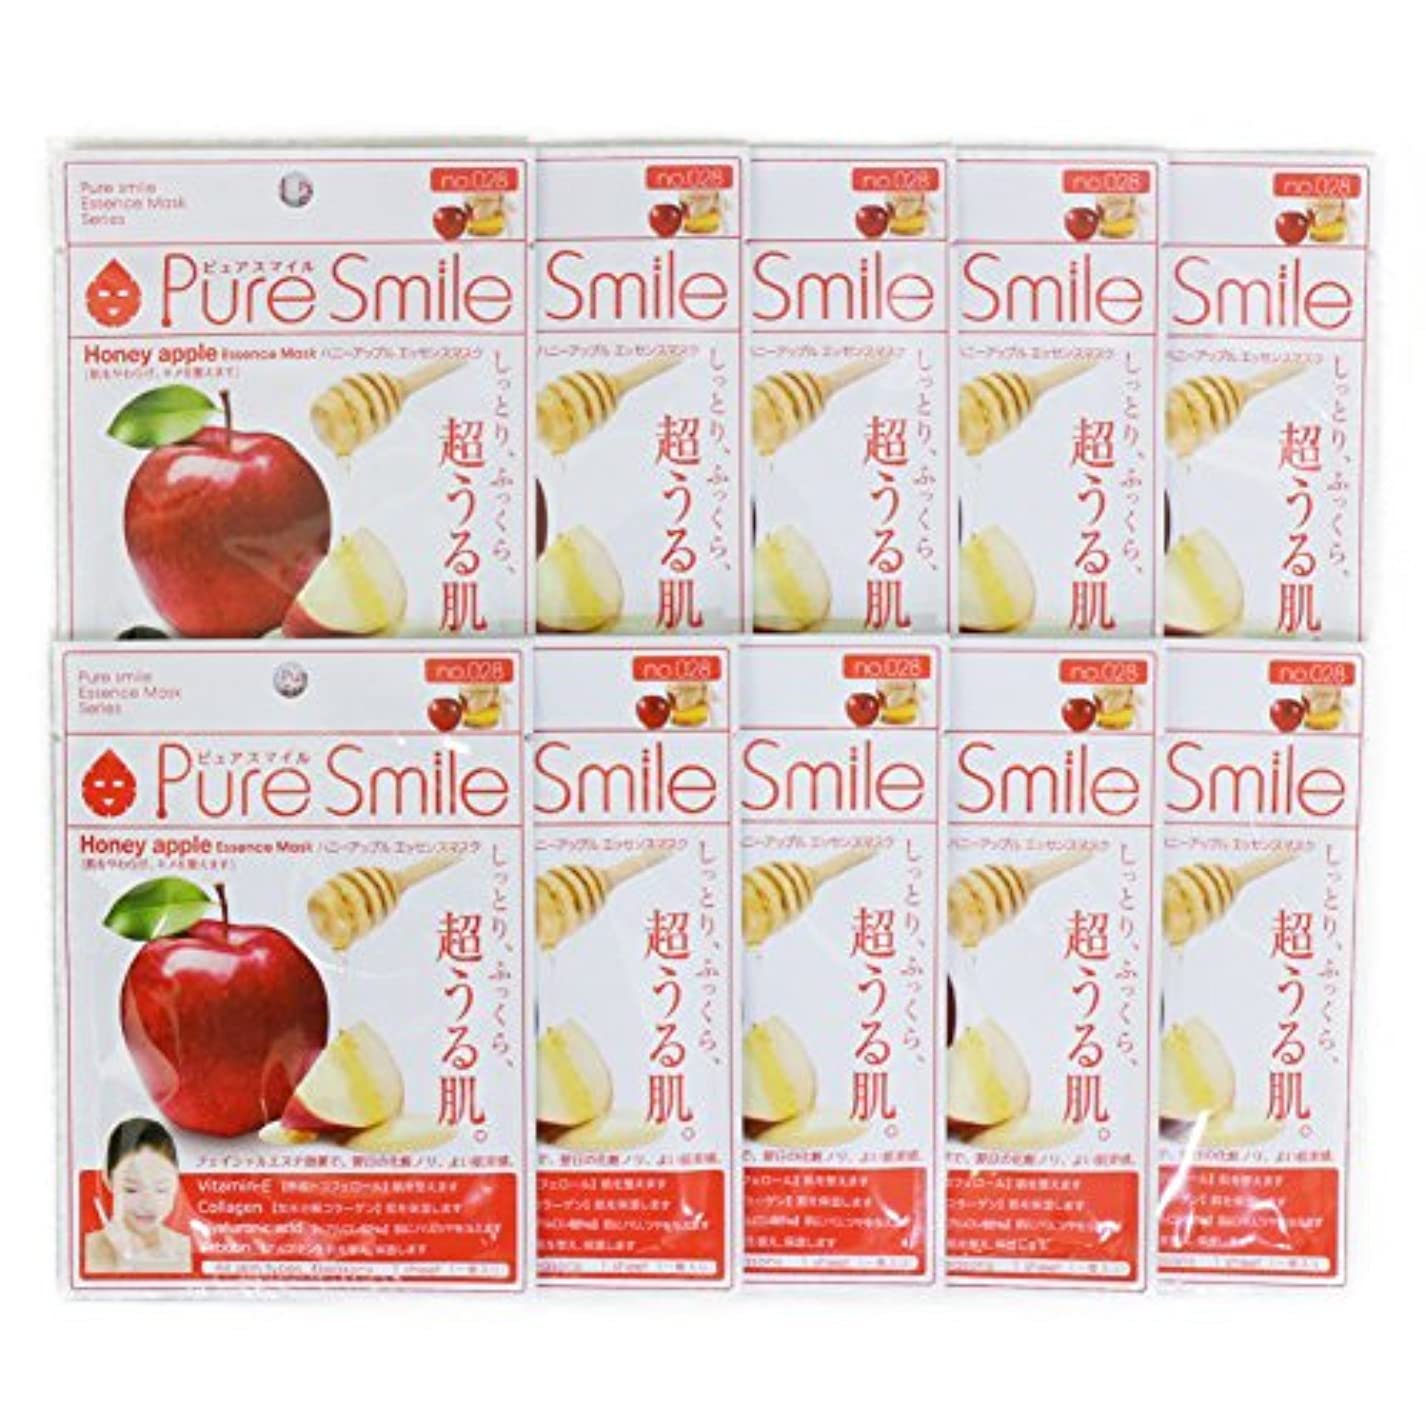 マウスピースメロディアス階段Pure Smile ピュアスマイル エッセンスマスク ハニーアップル 10枚セット